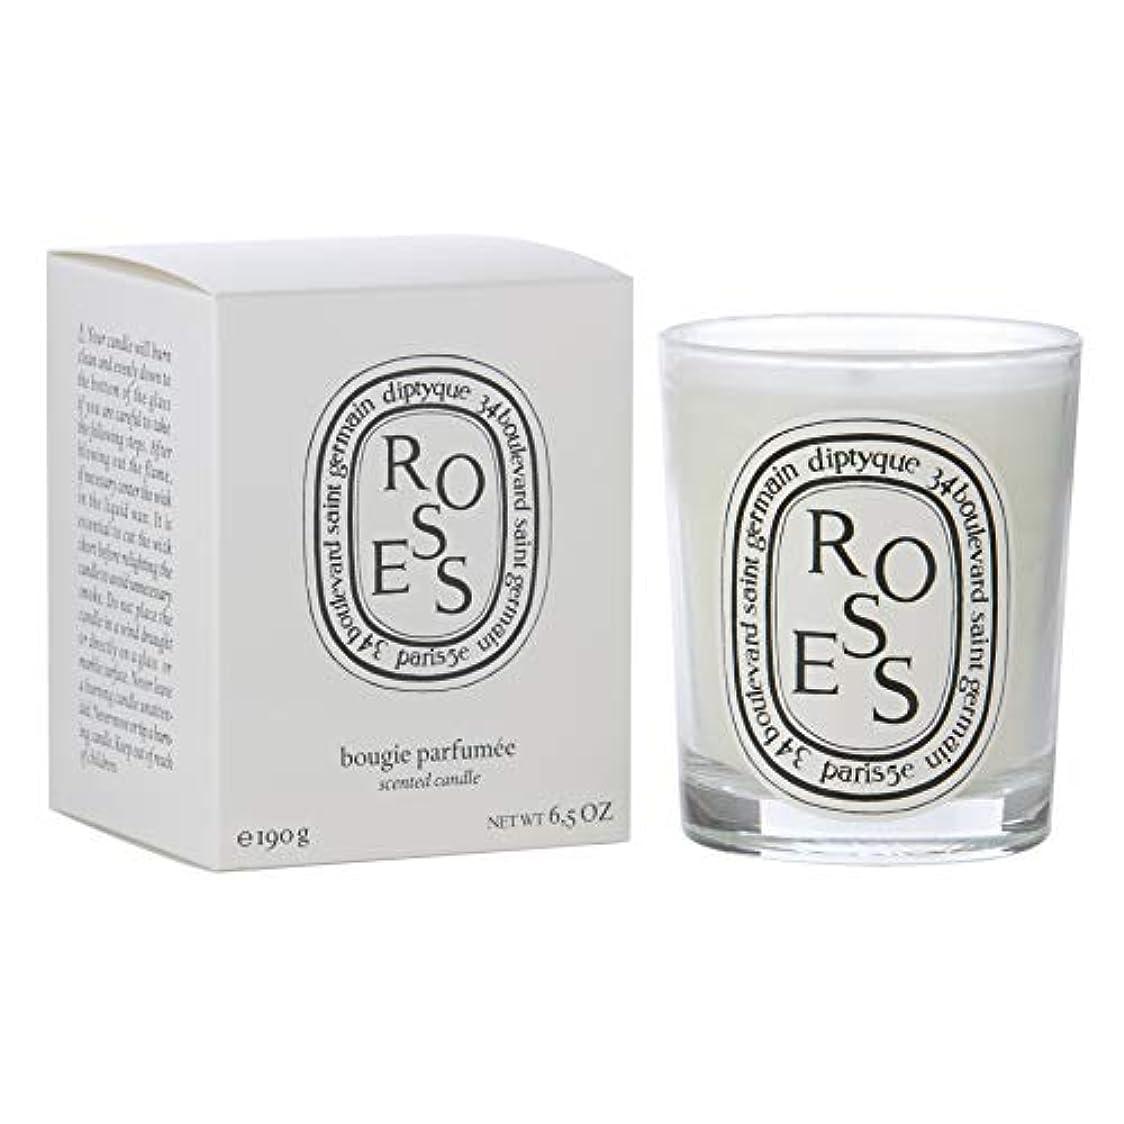 ハリケーンレシピ共和党[Diptyque] Diptyqueバラの香りのキャンドル190グラム - Diptyque Roses Scented Candle 190g [並行輸入品]